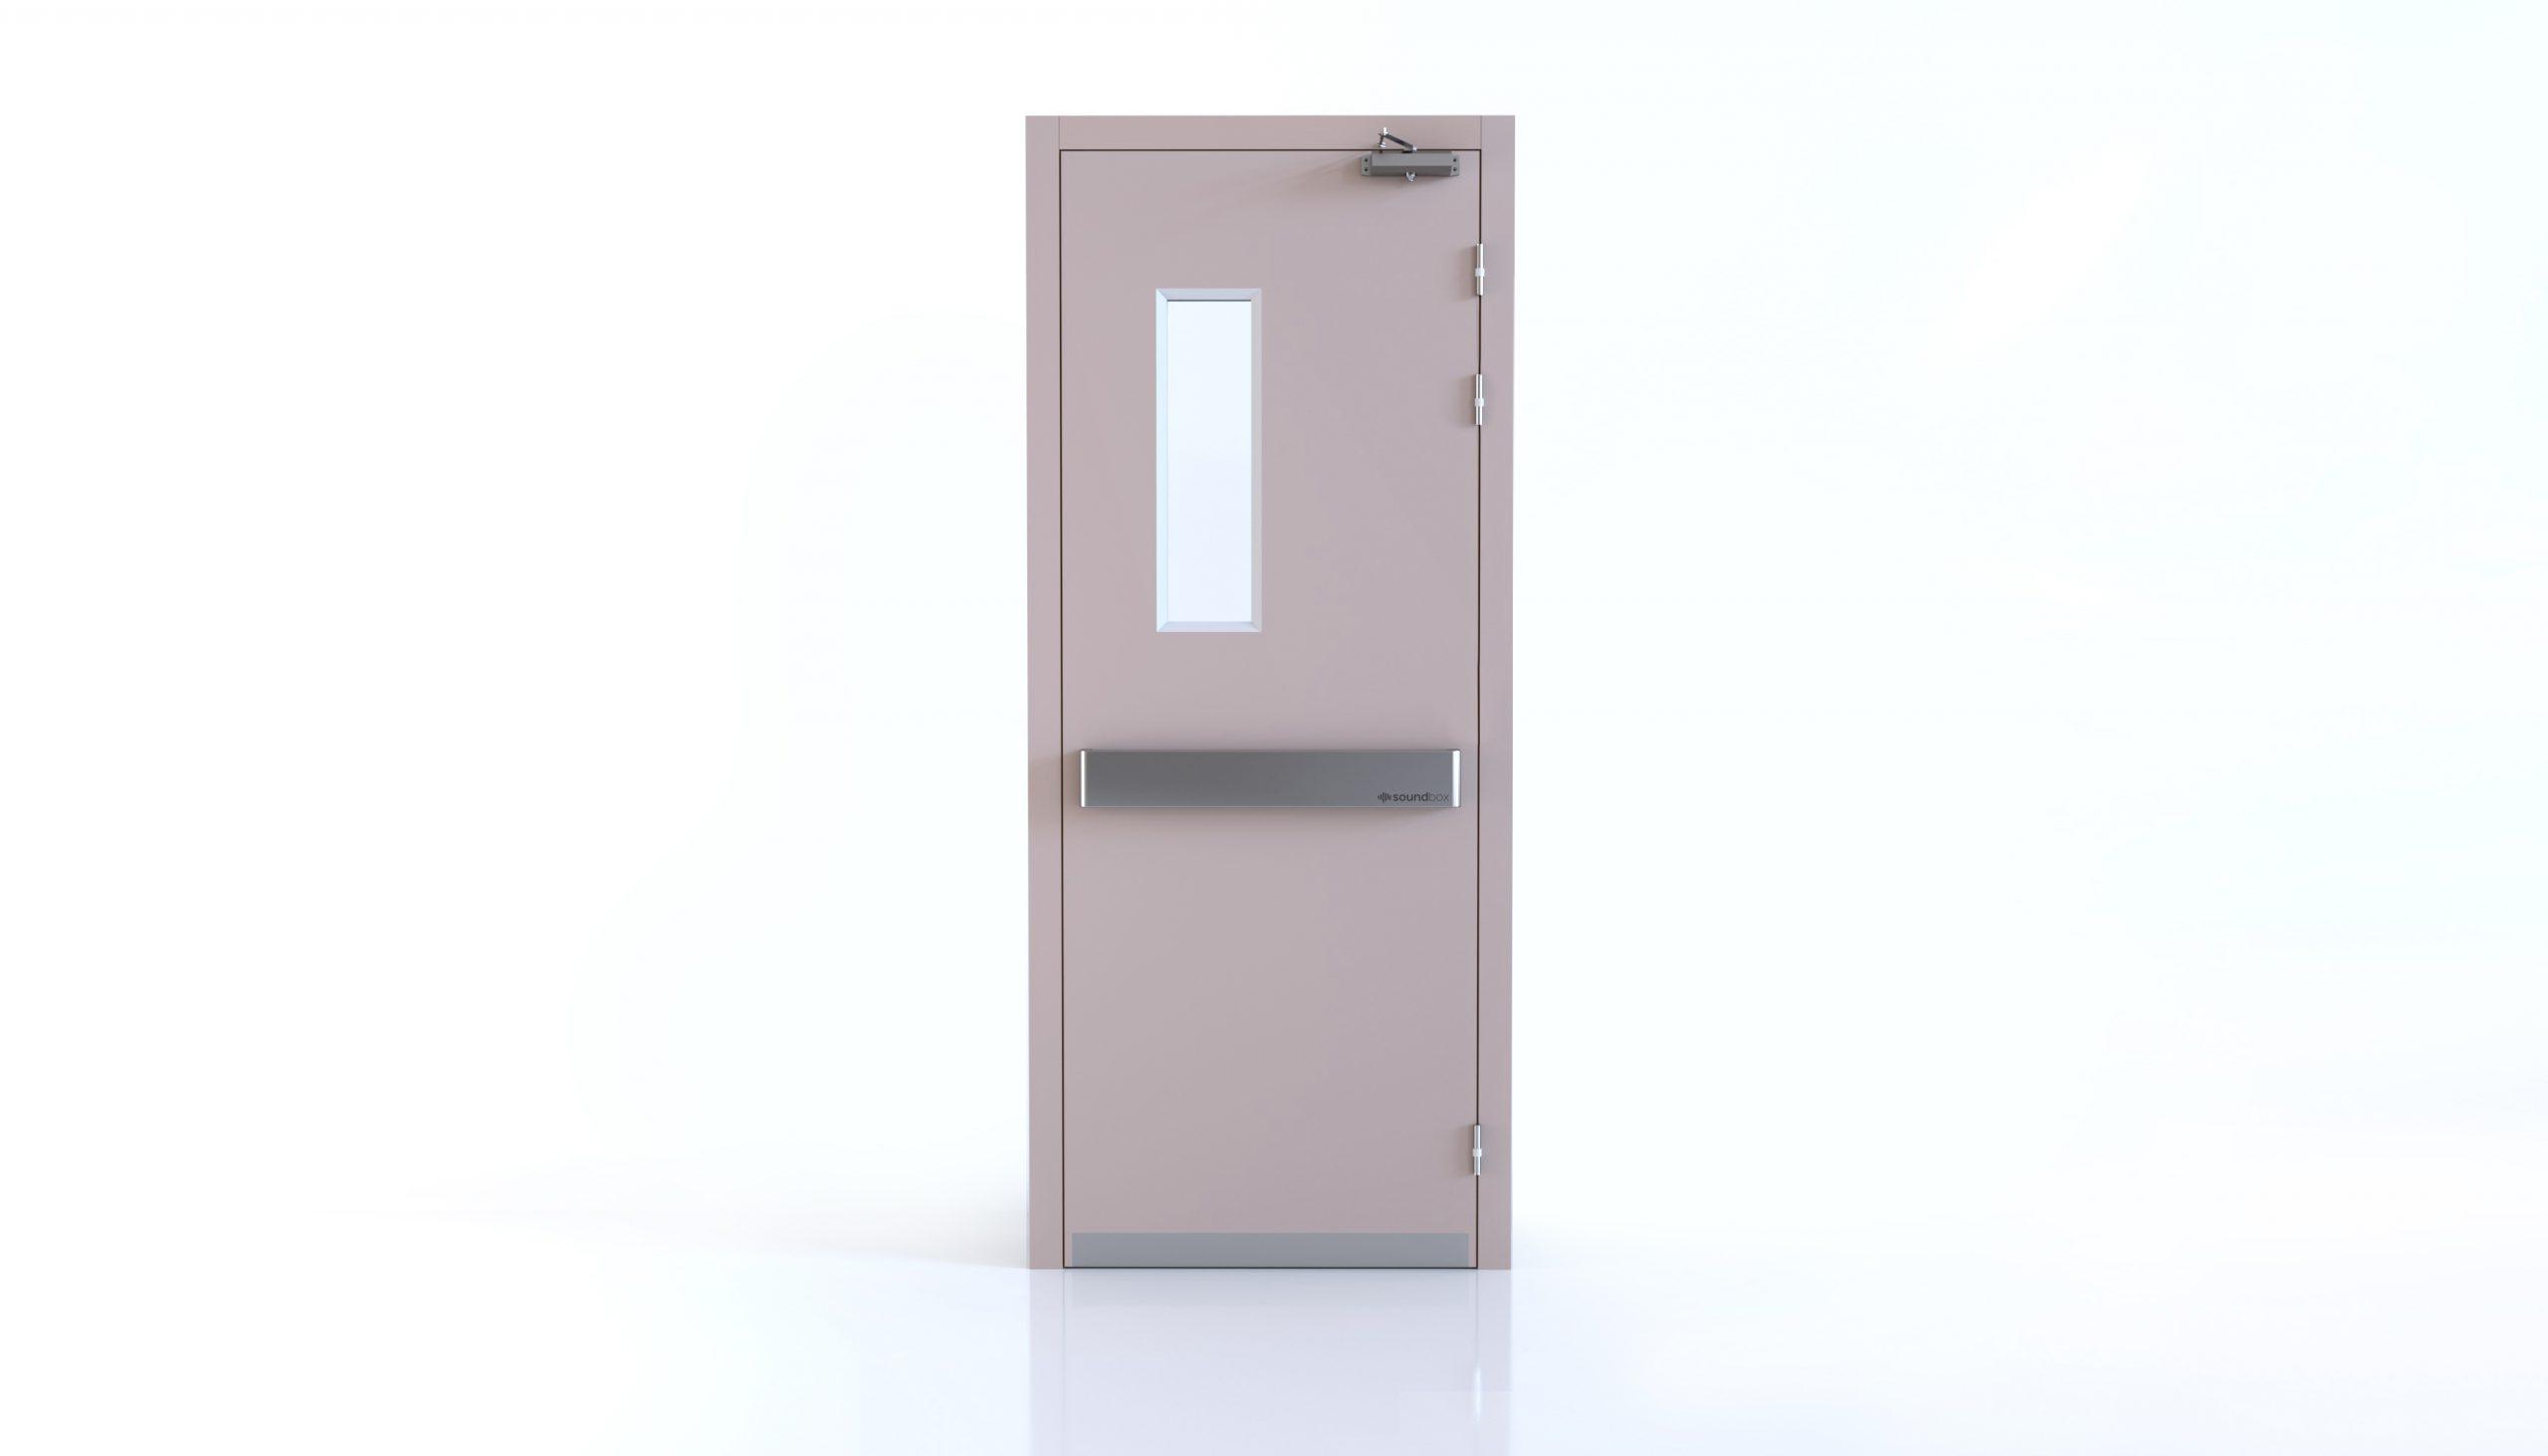 ประตูกันเสียงโรงพยาบาล